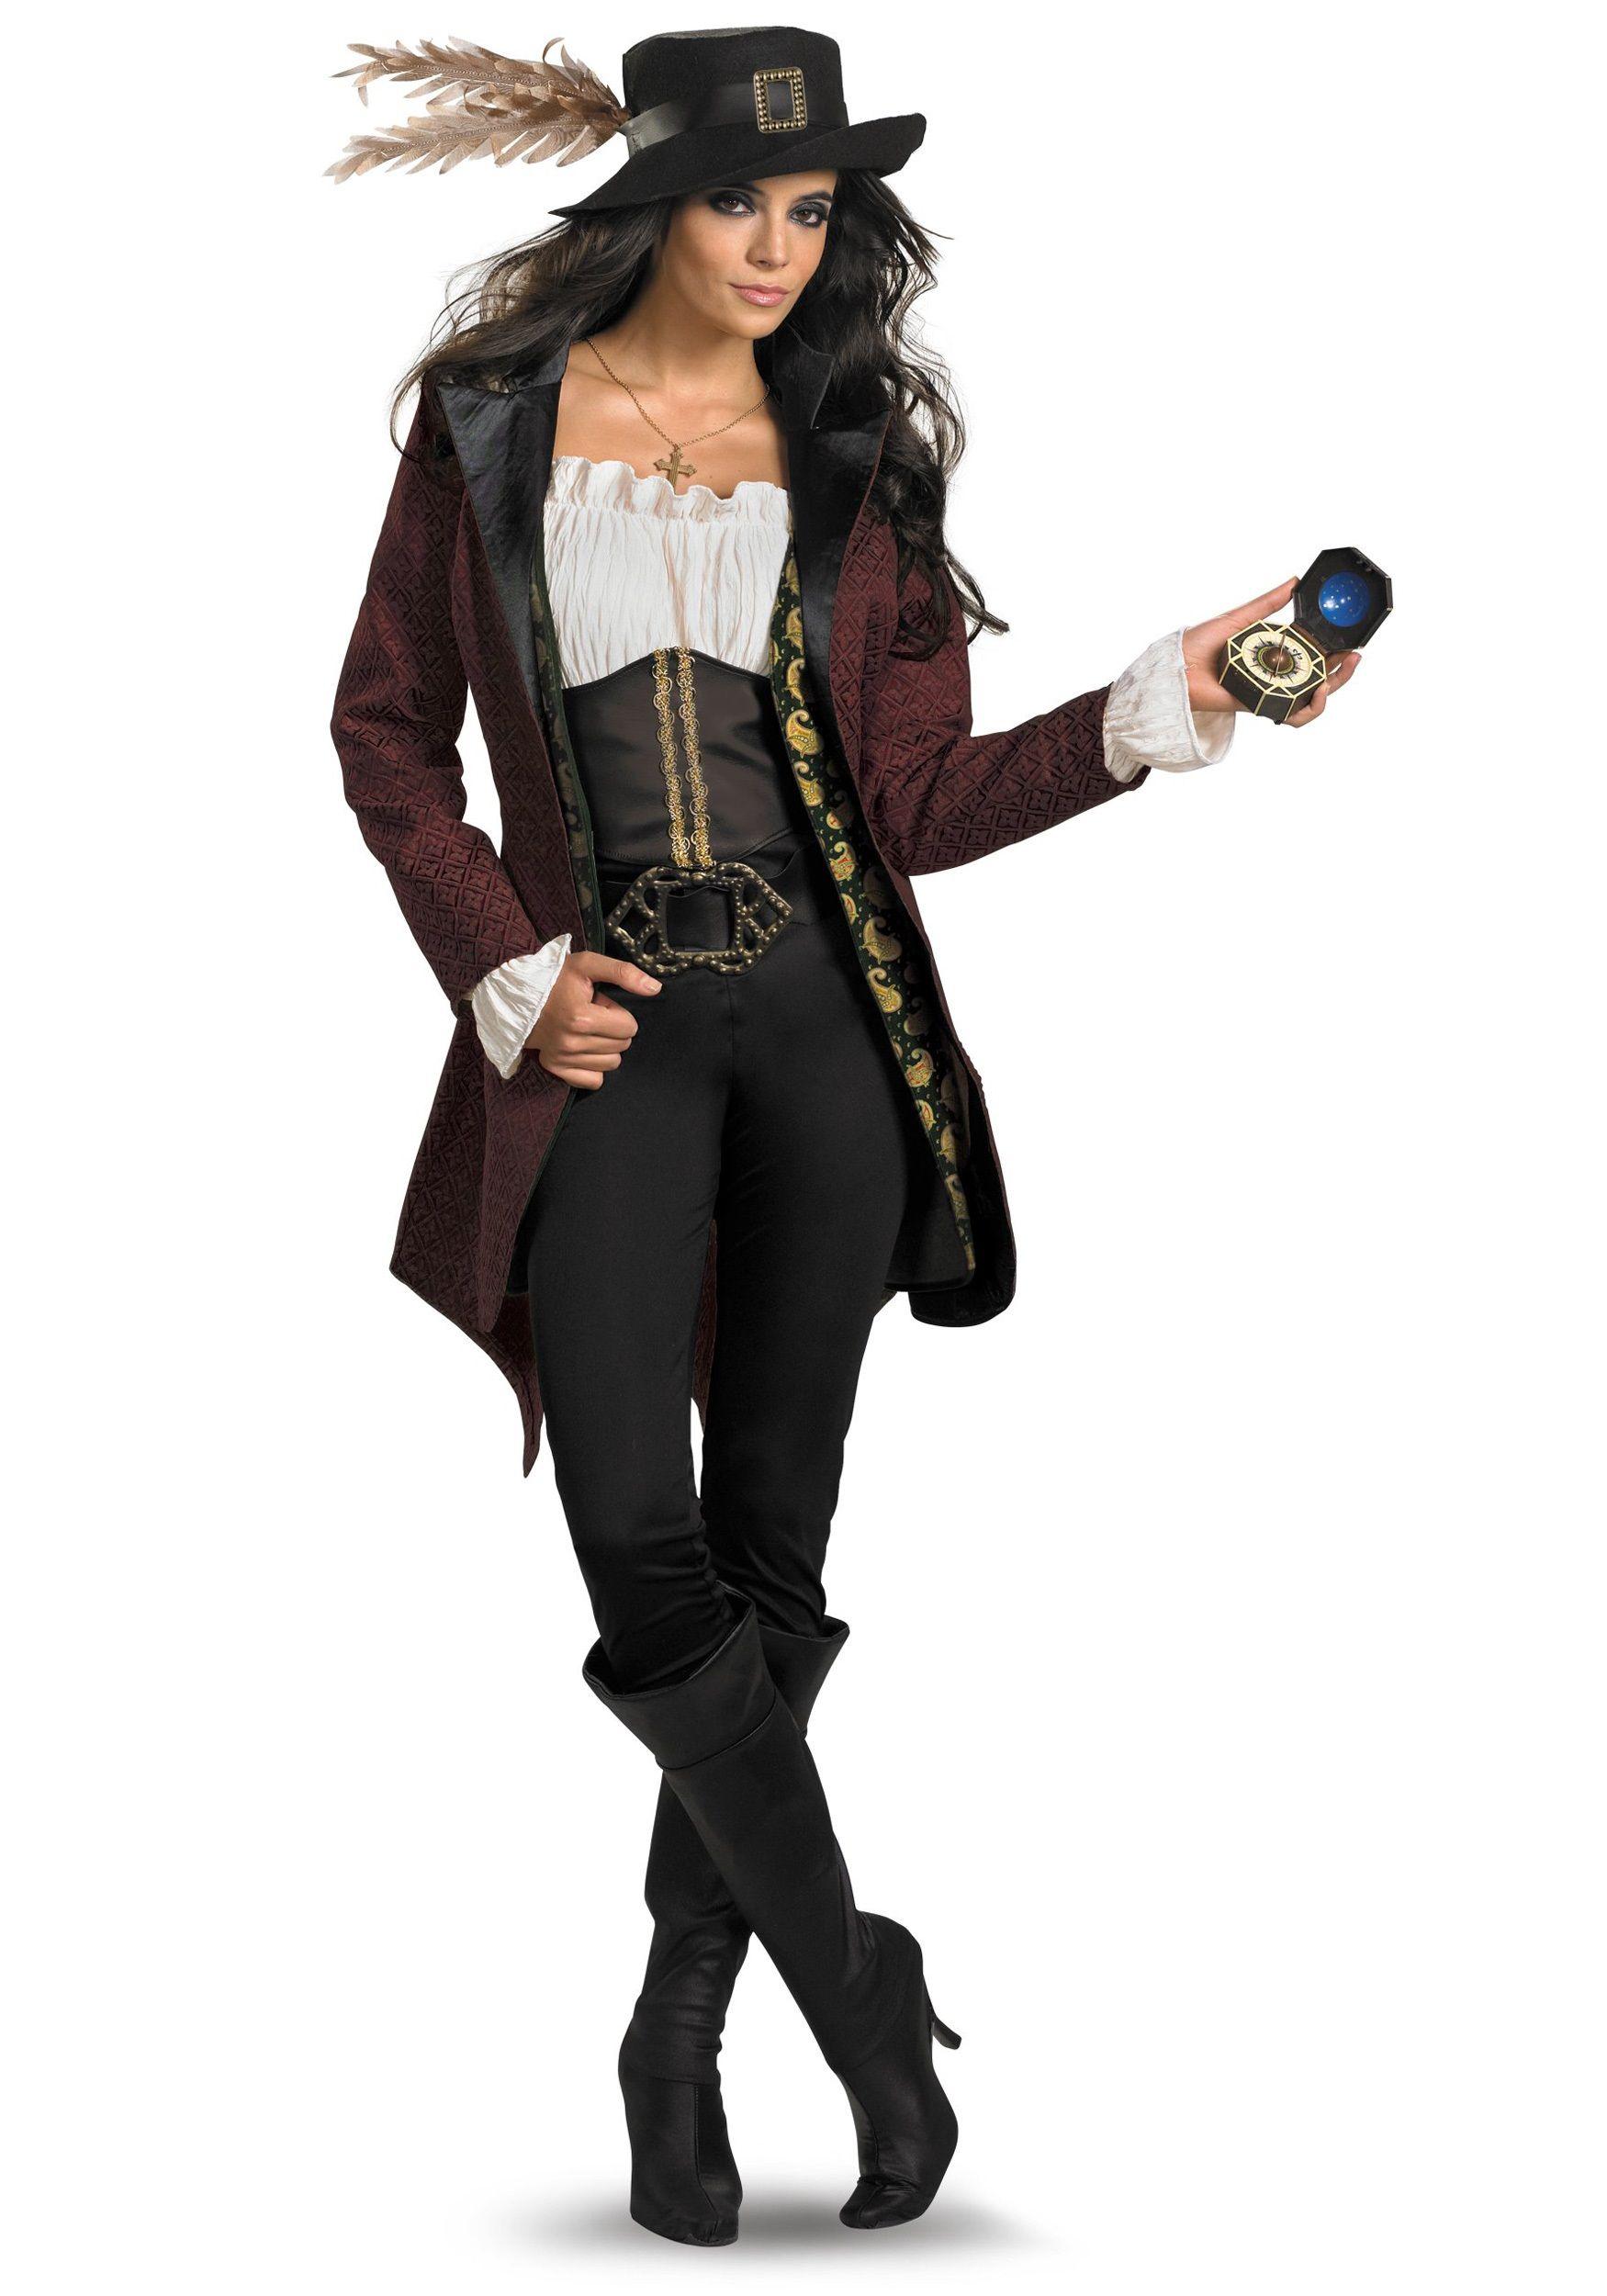 Pirate Deguisement Pirate Deguisement → Femme AScq5RjL34